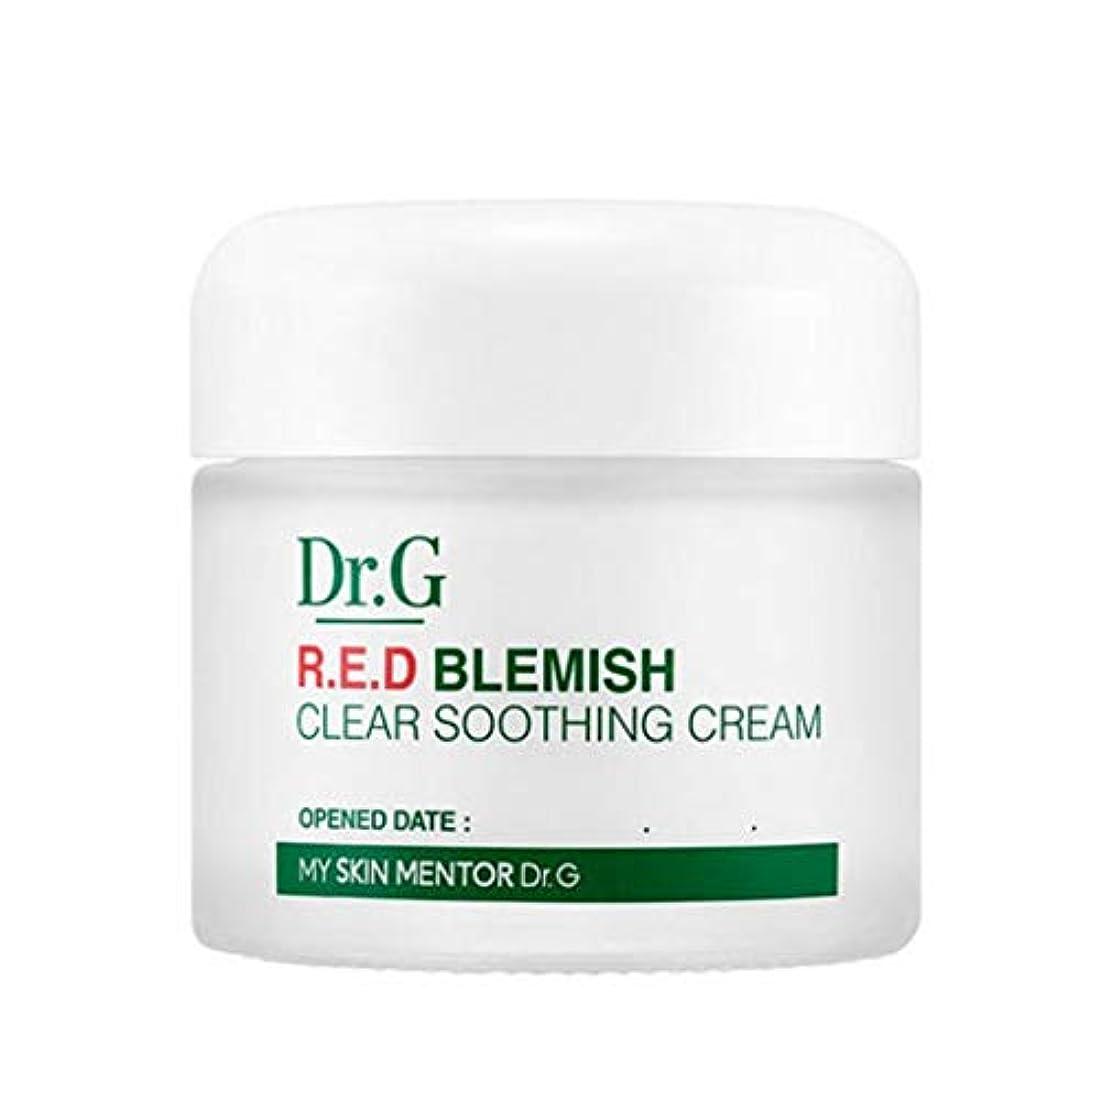 小数生態学のぞき穴ドクターGレッドブレミッシュクリアスージングクリーム70ml水分クリーム、Dr.G Red Blemish Clear Soothing Cream 70ml Moisturizing Cream [並行輸入品]